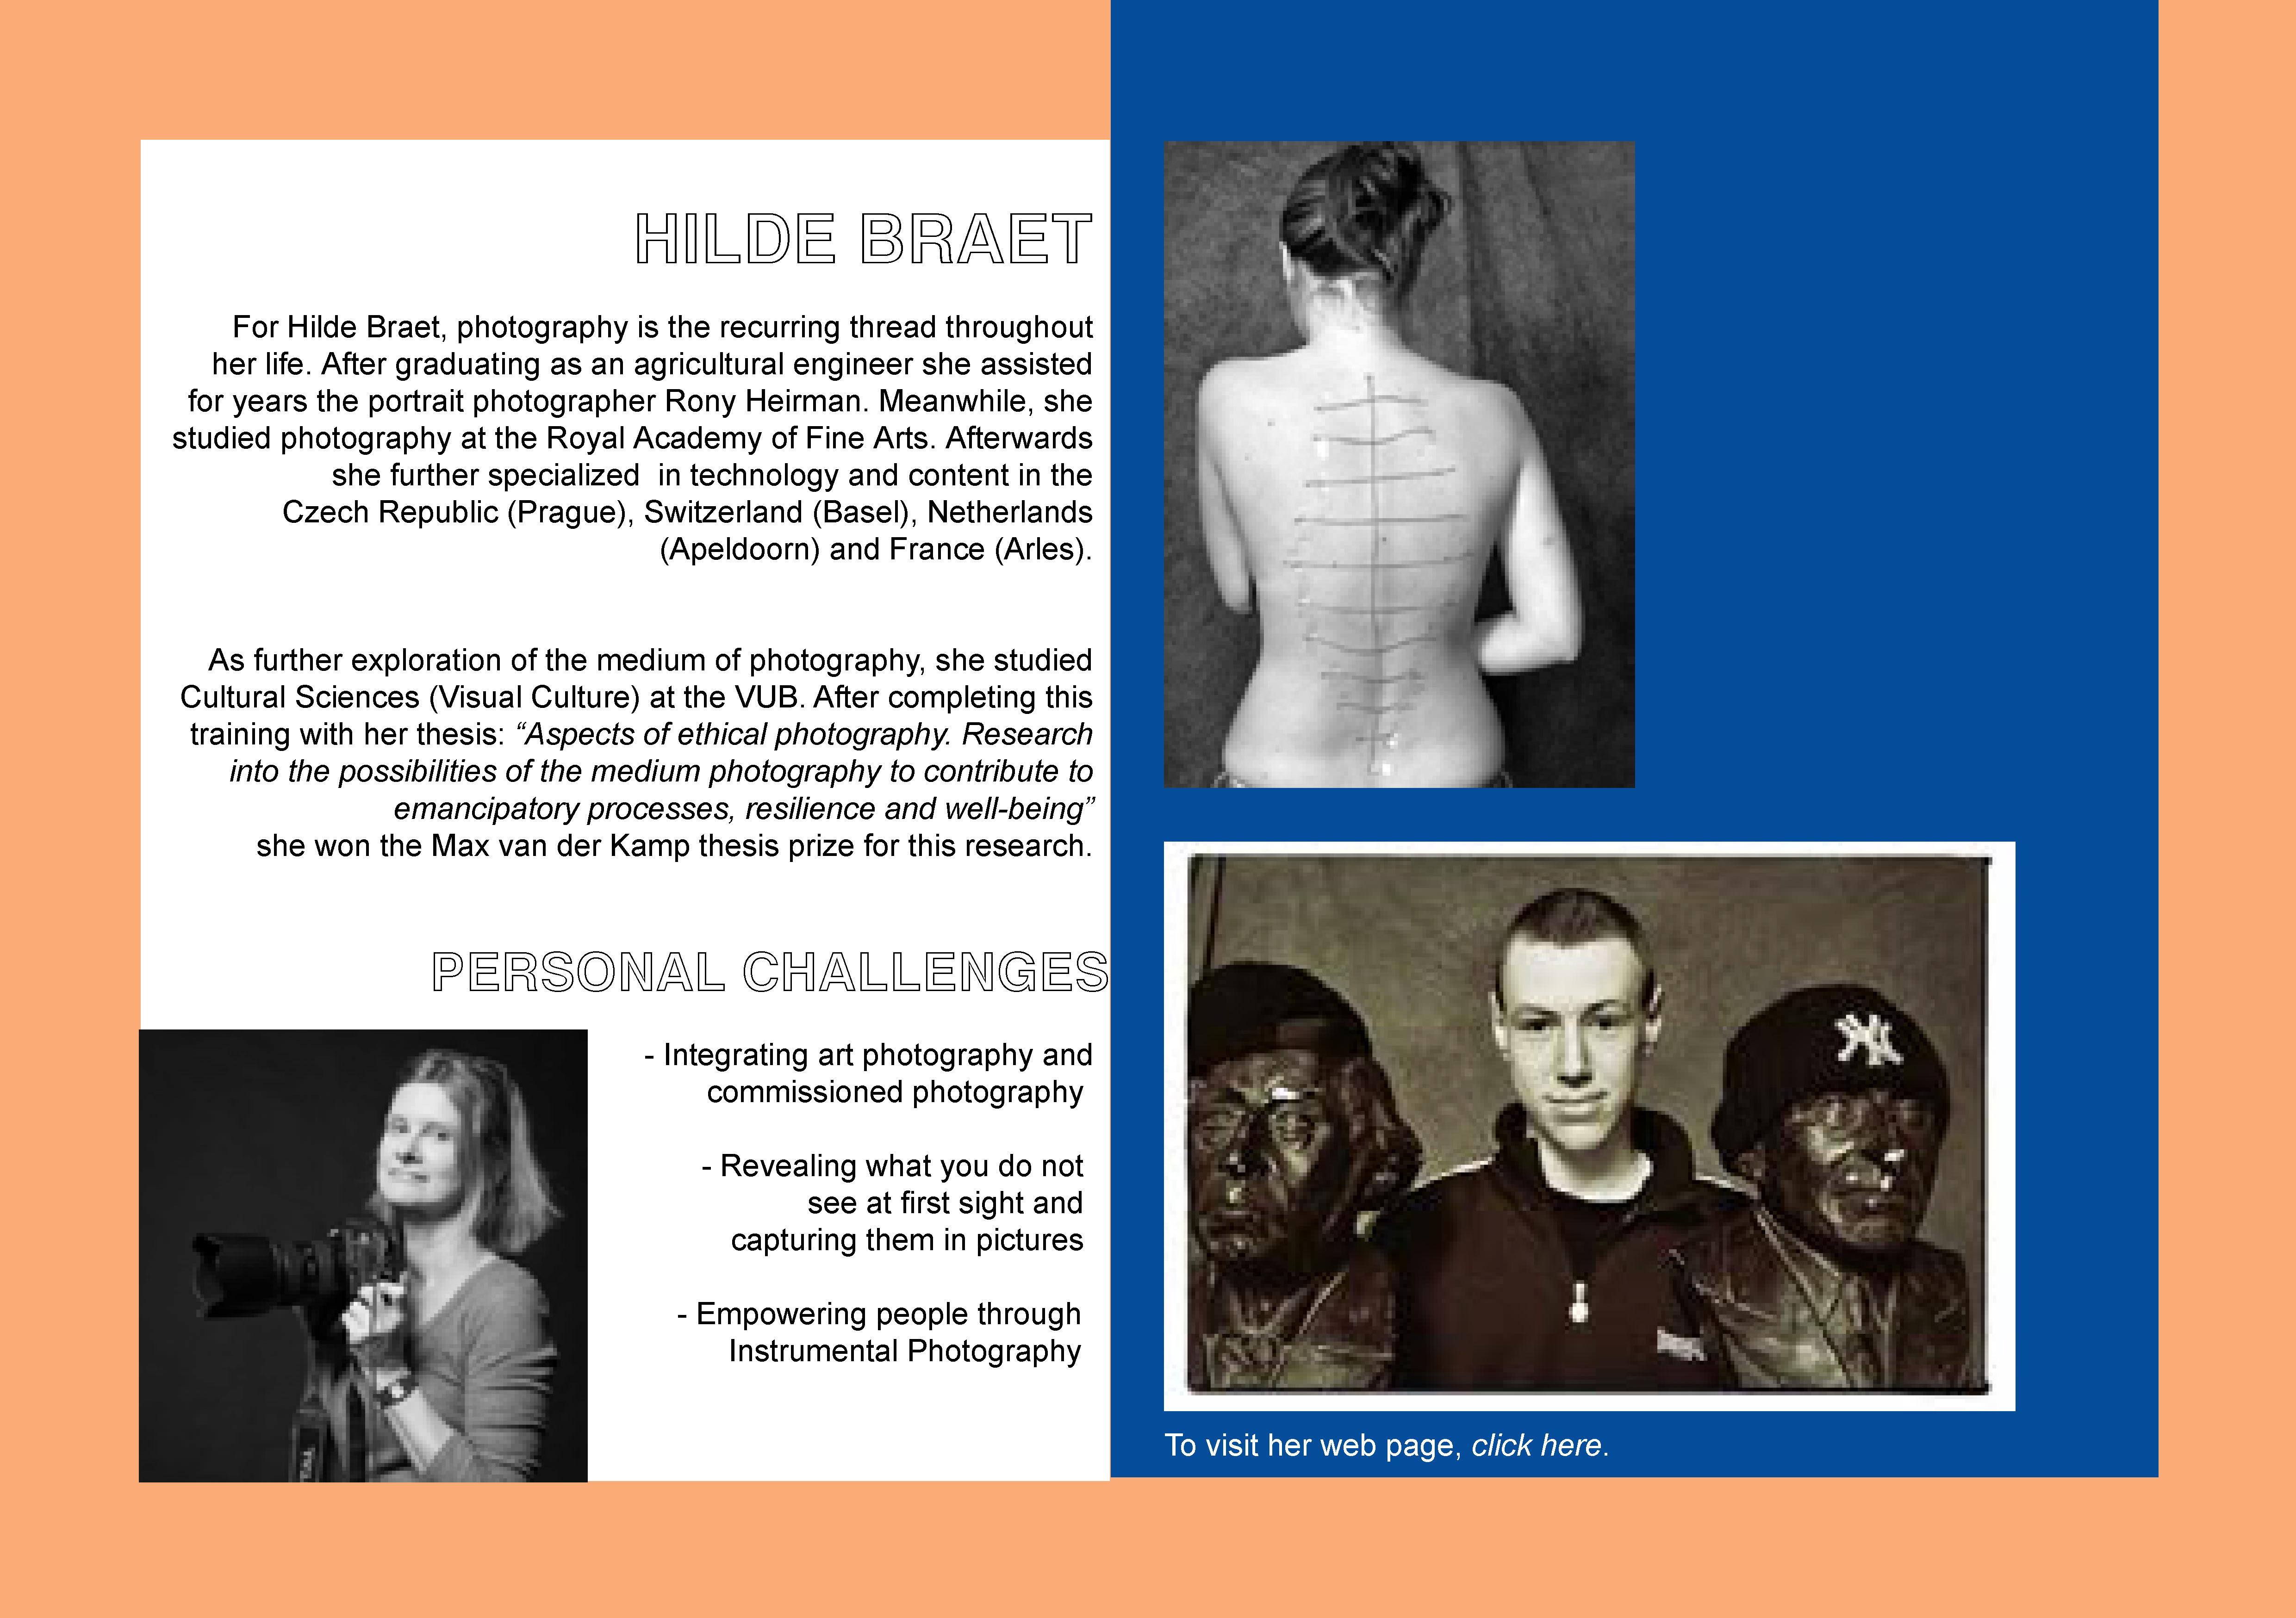 leaflet_hilde-braet_final_pagina_2